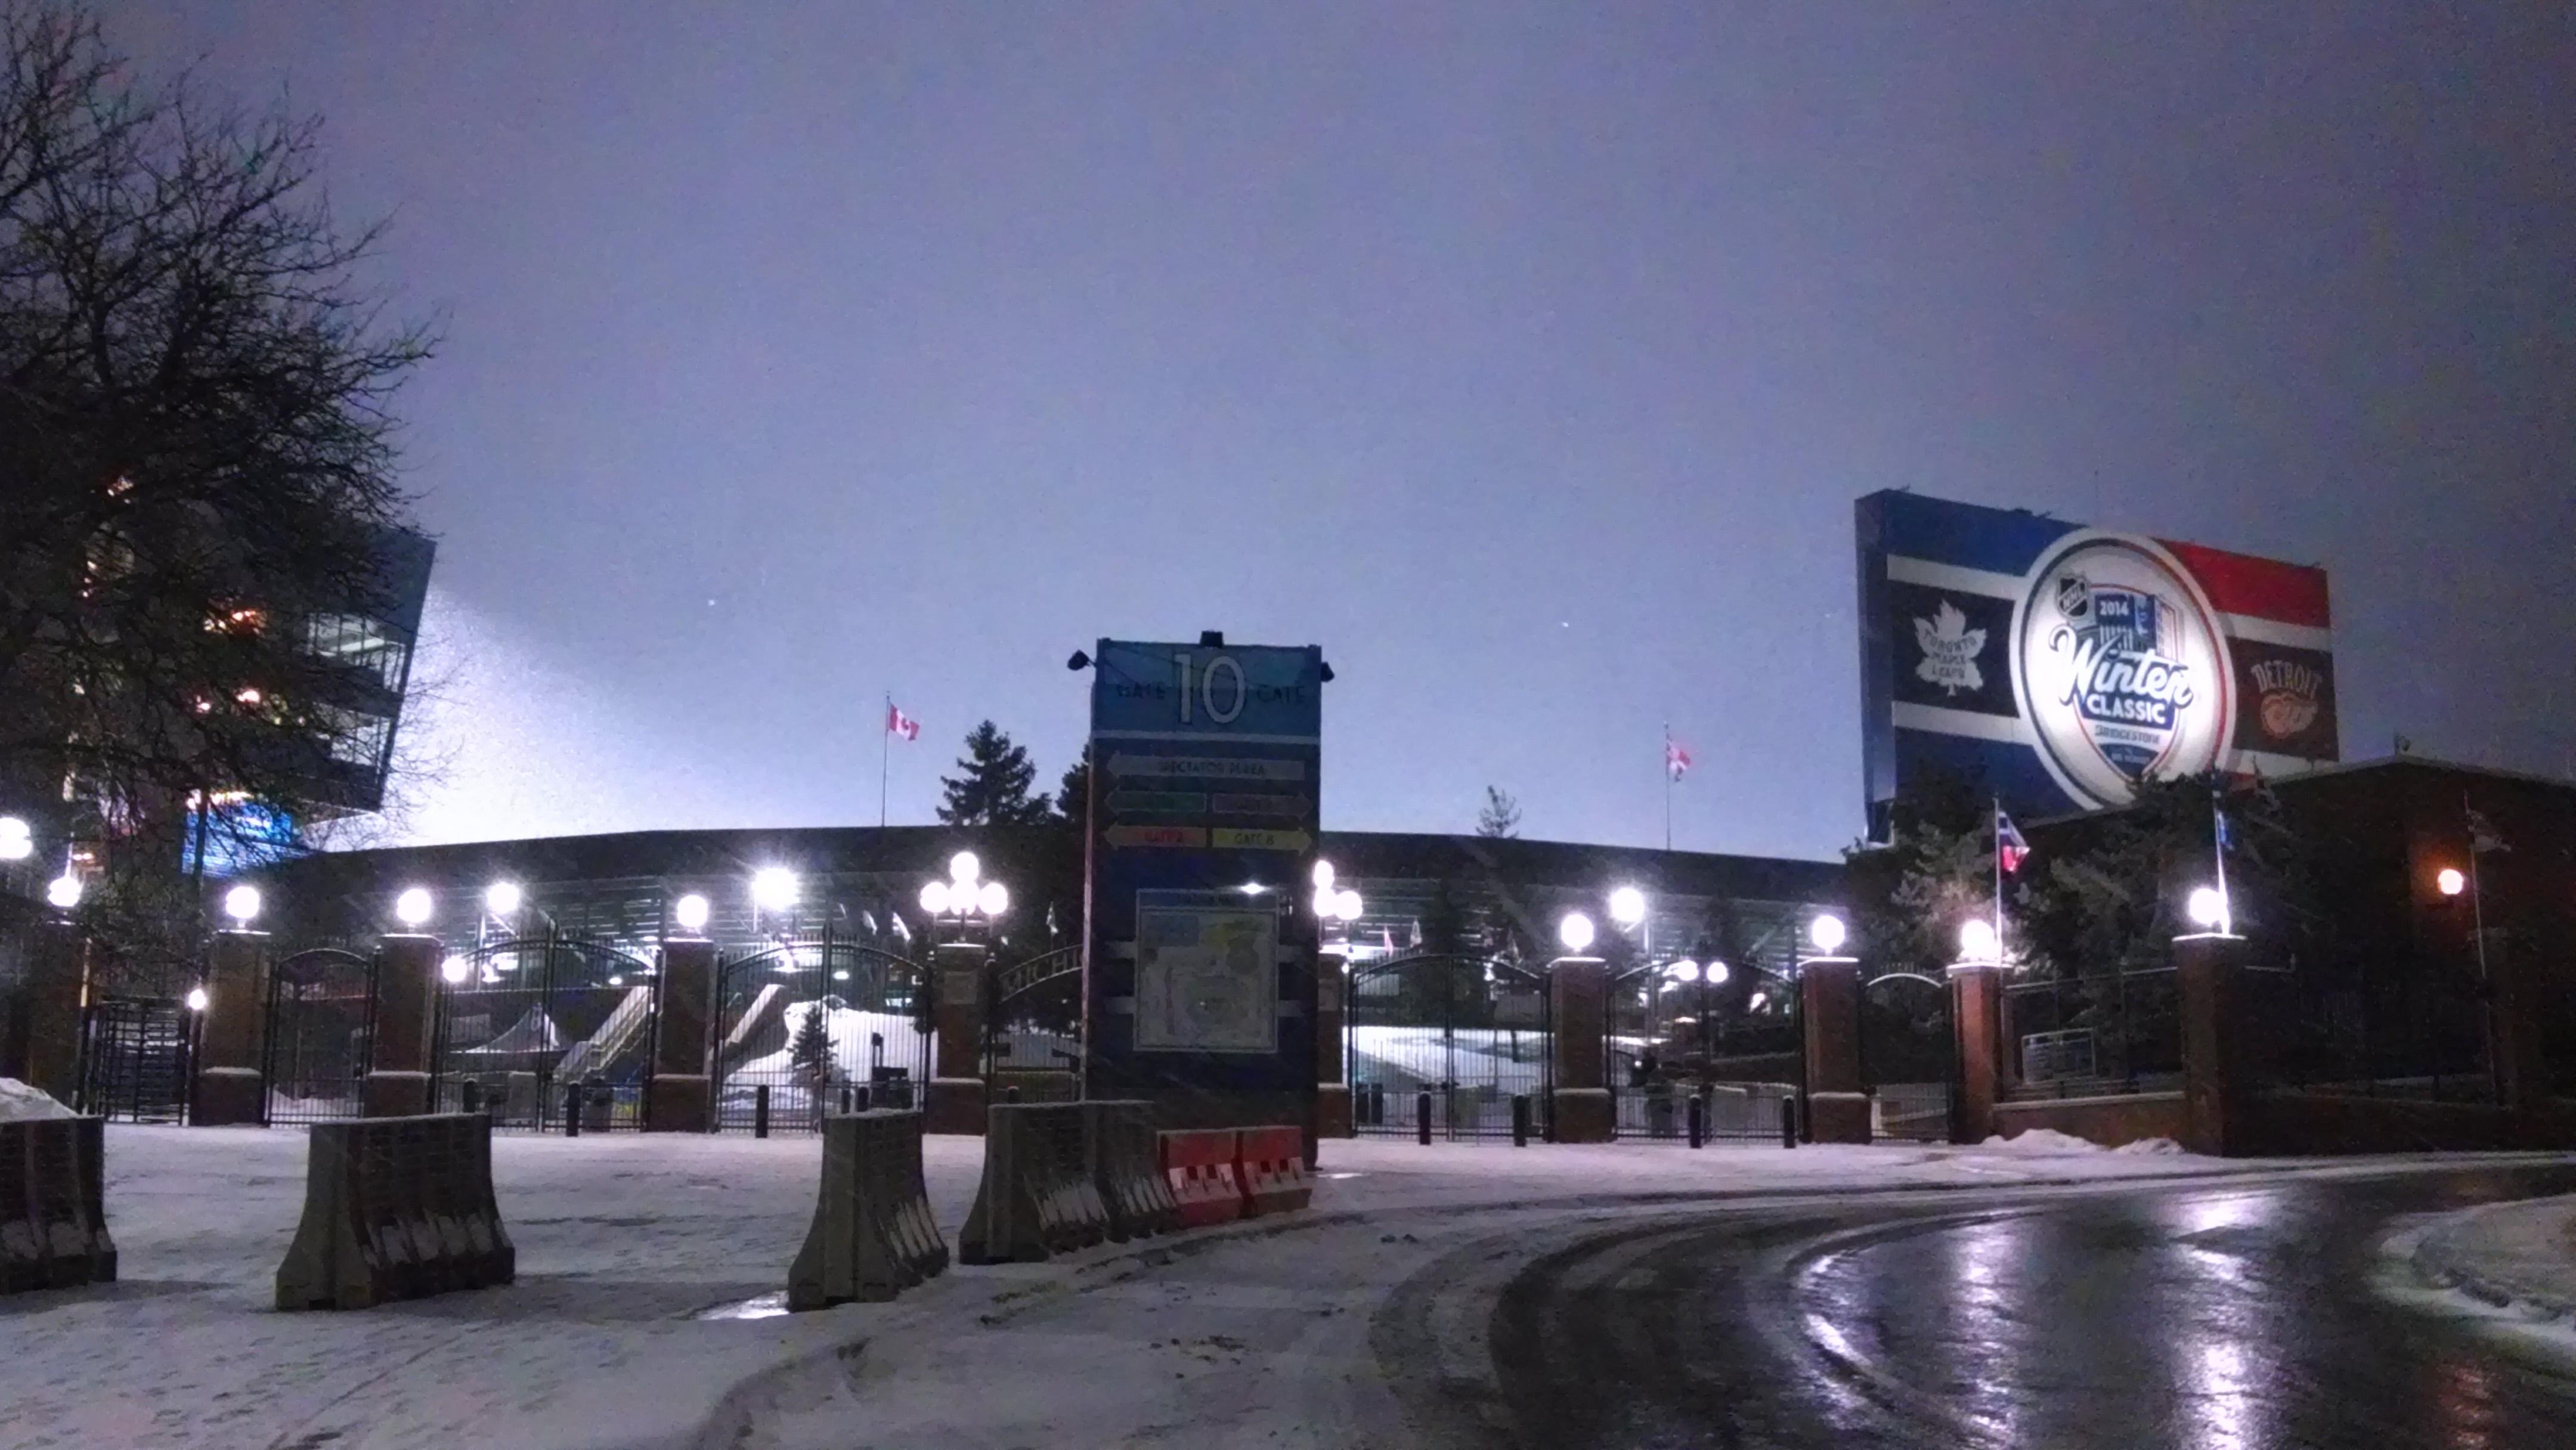 Winter Classic at Michigan Stadium